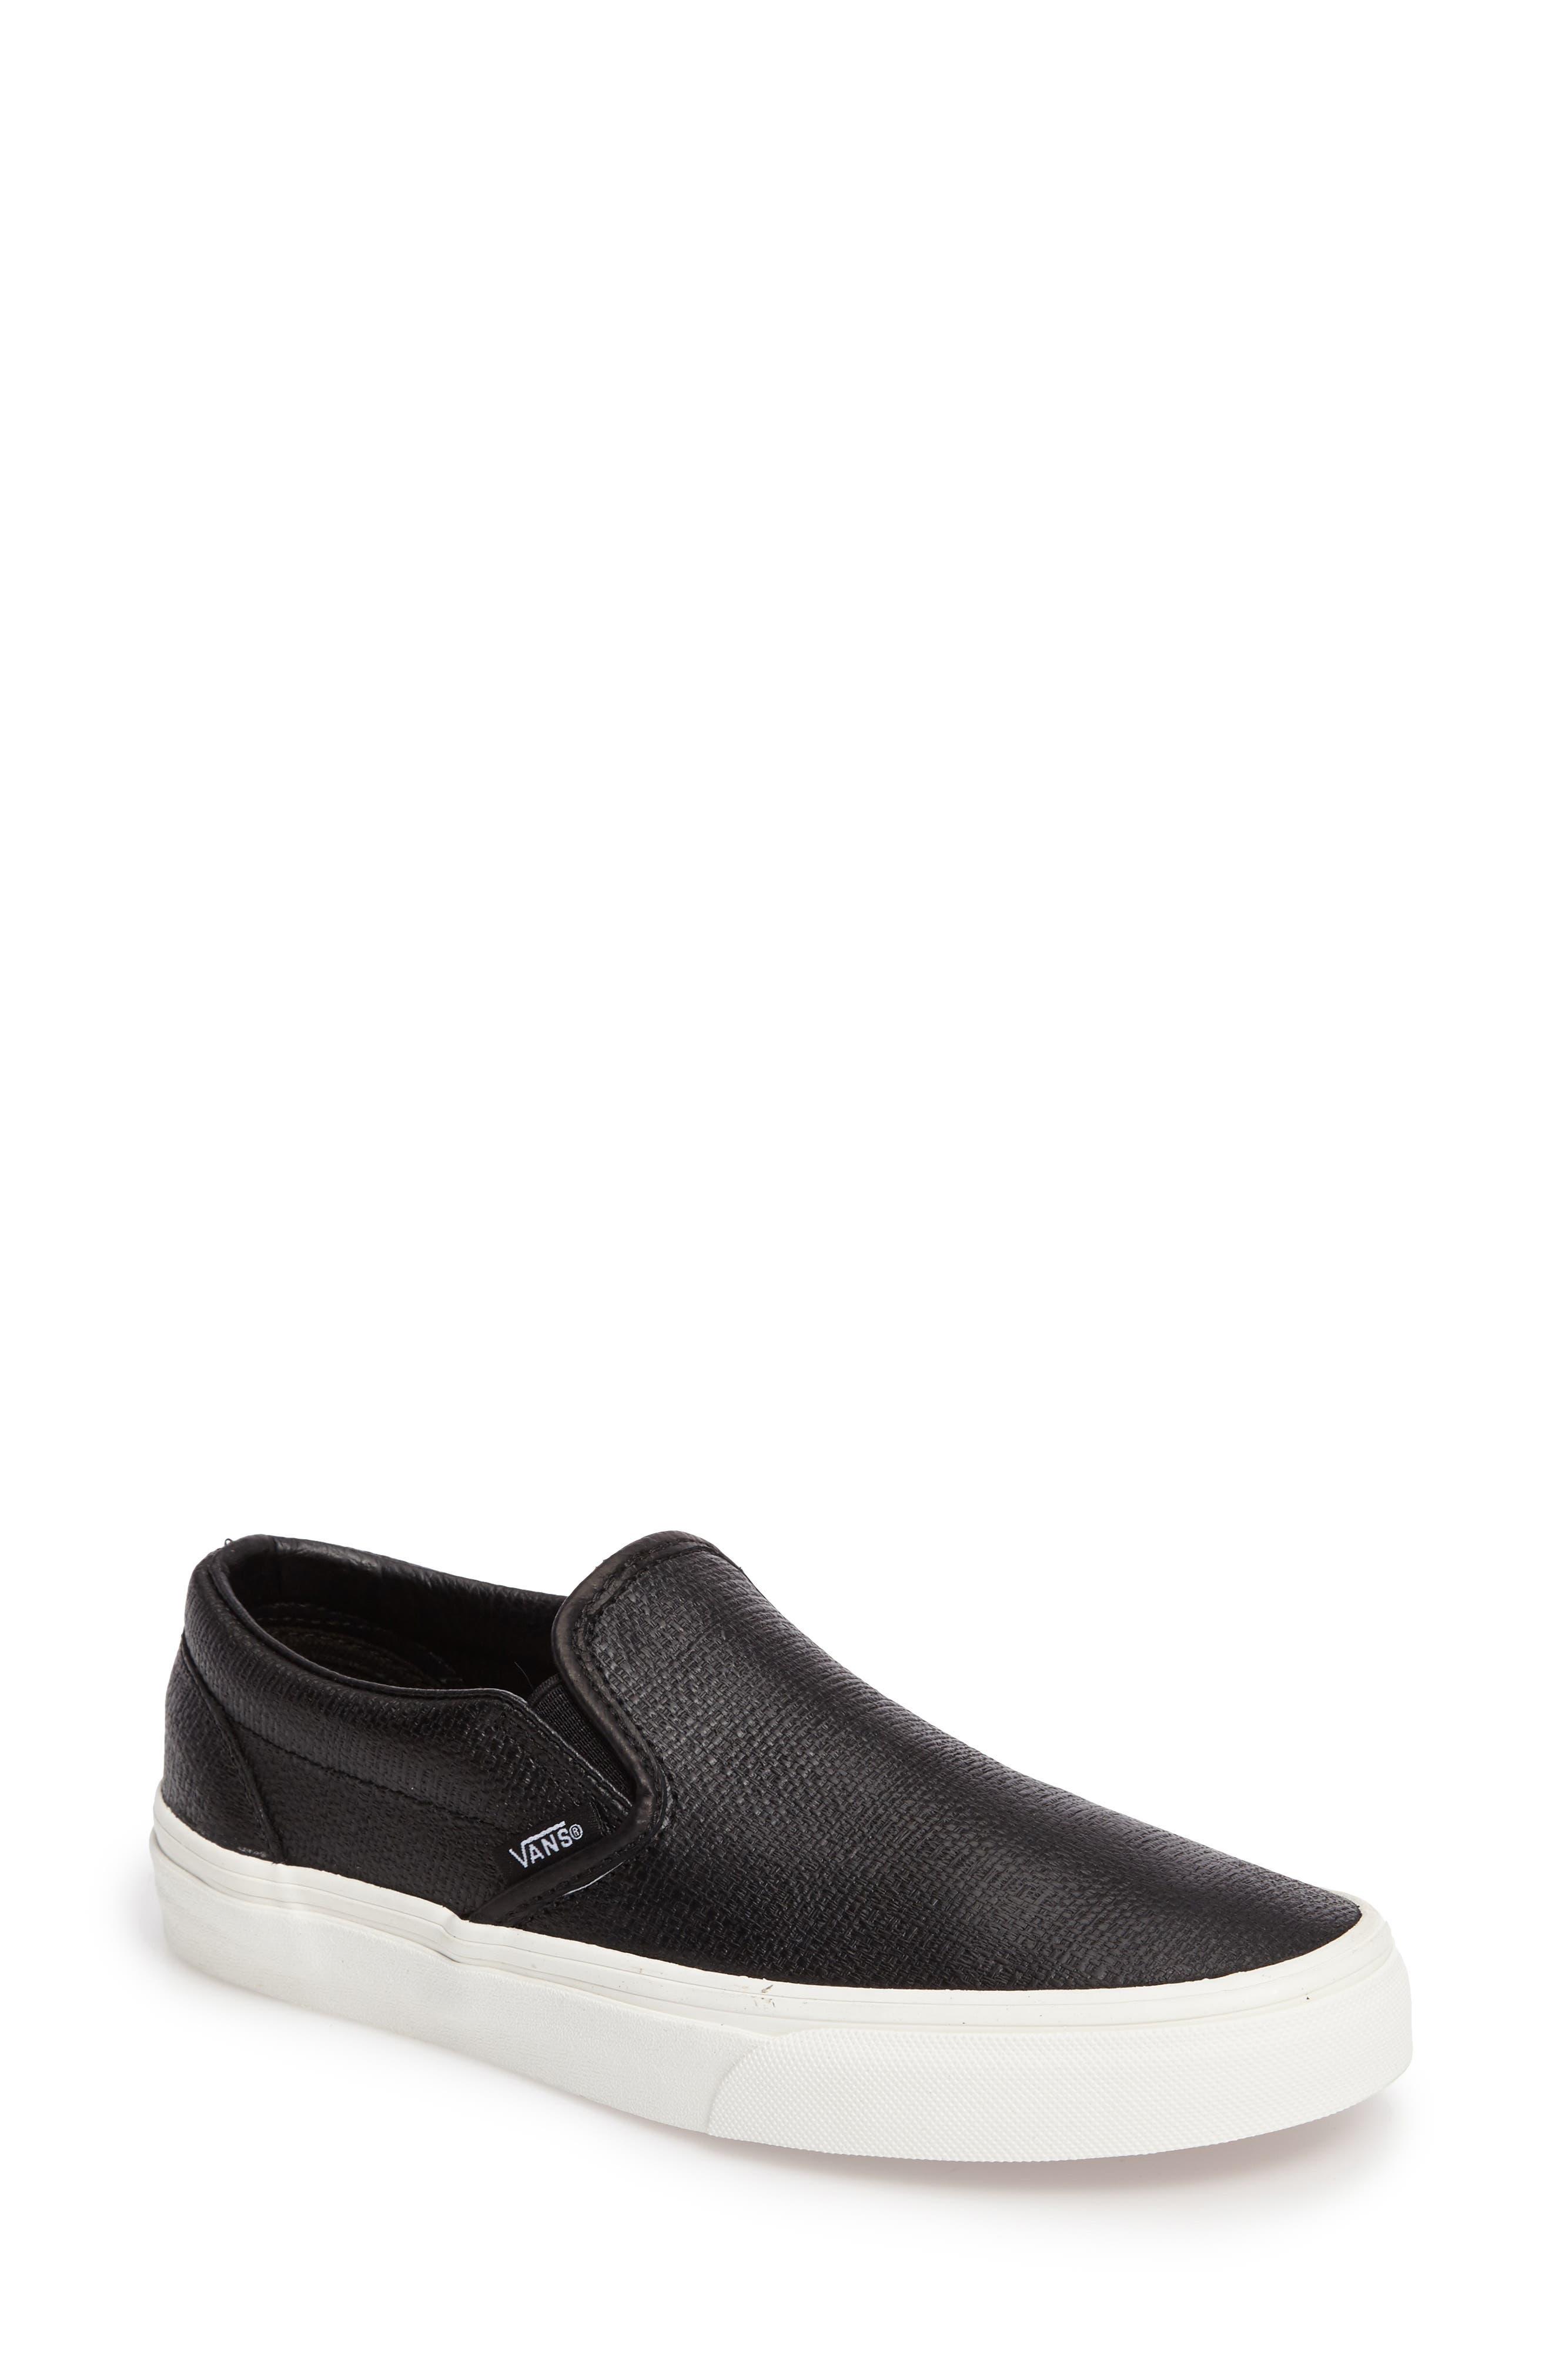 Main Image - Vans Glacie Textured Sneaker (Women)